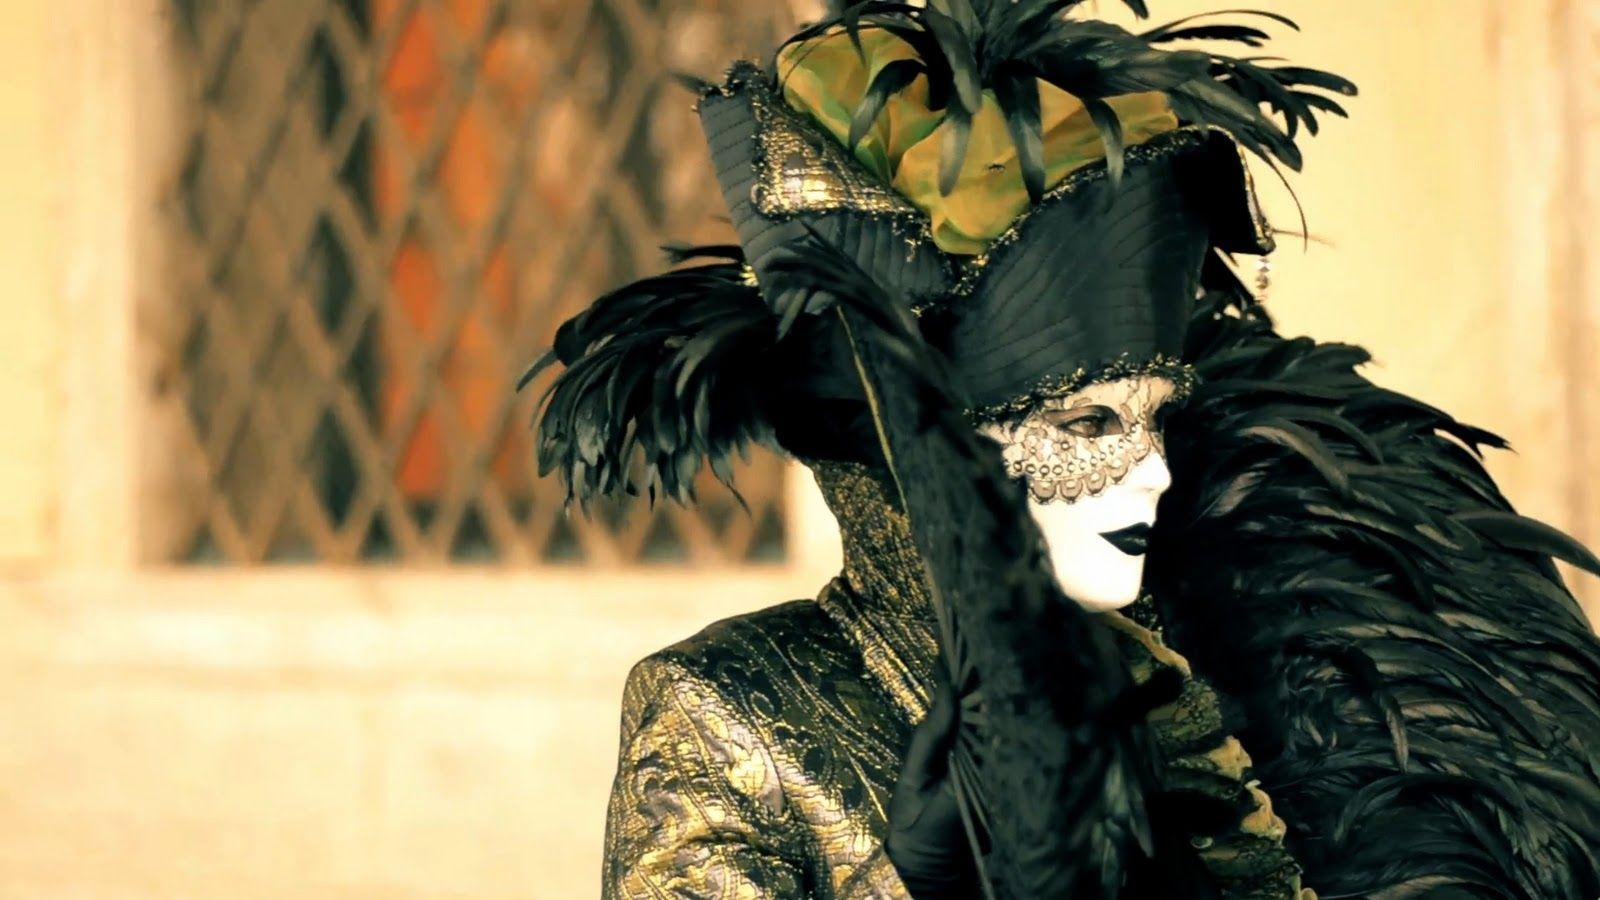 masquerade costumes - Google Search